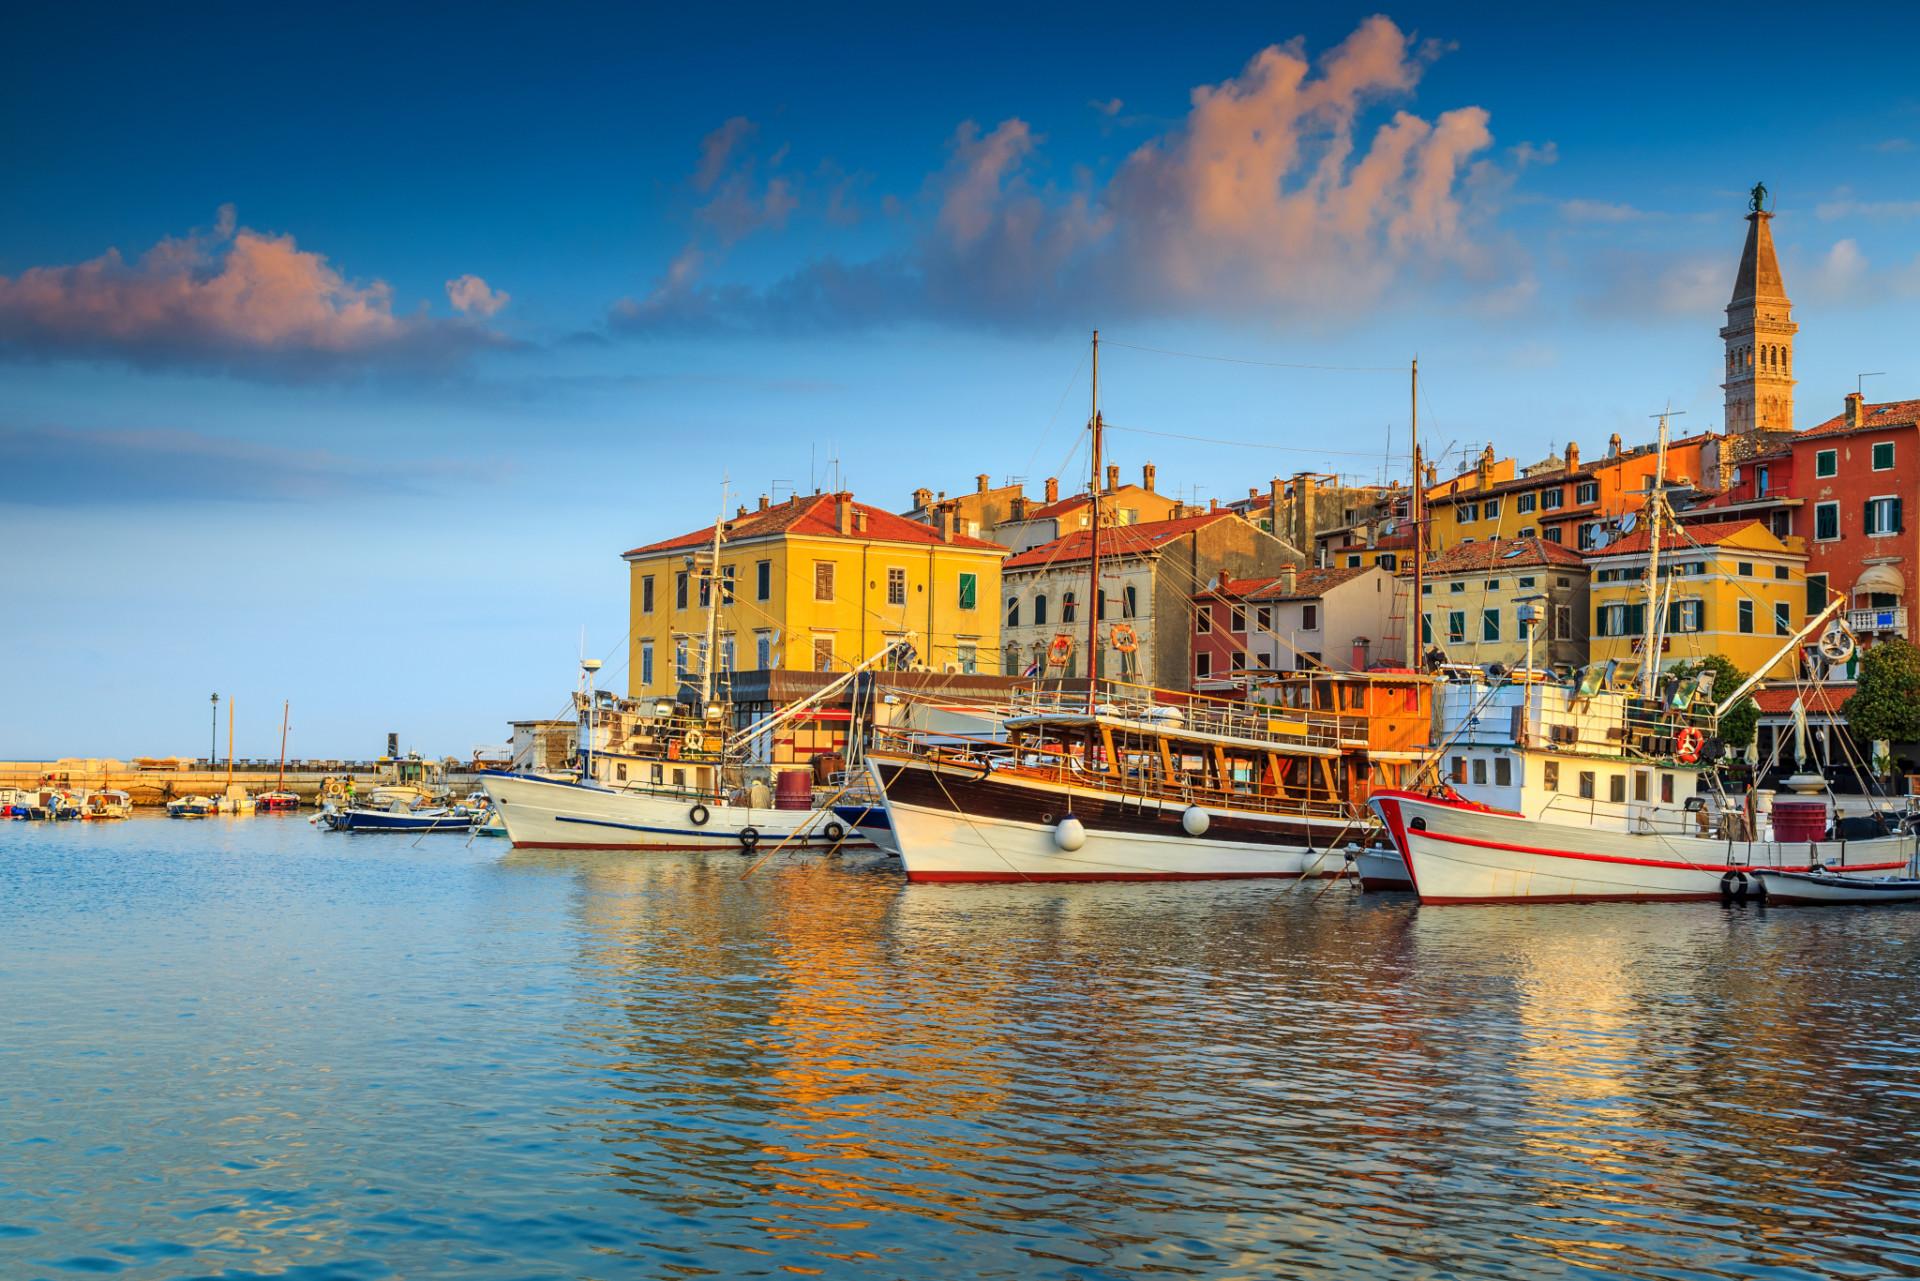 Hafen von Rovinj in Istrien